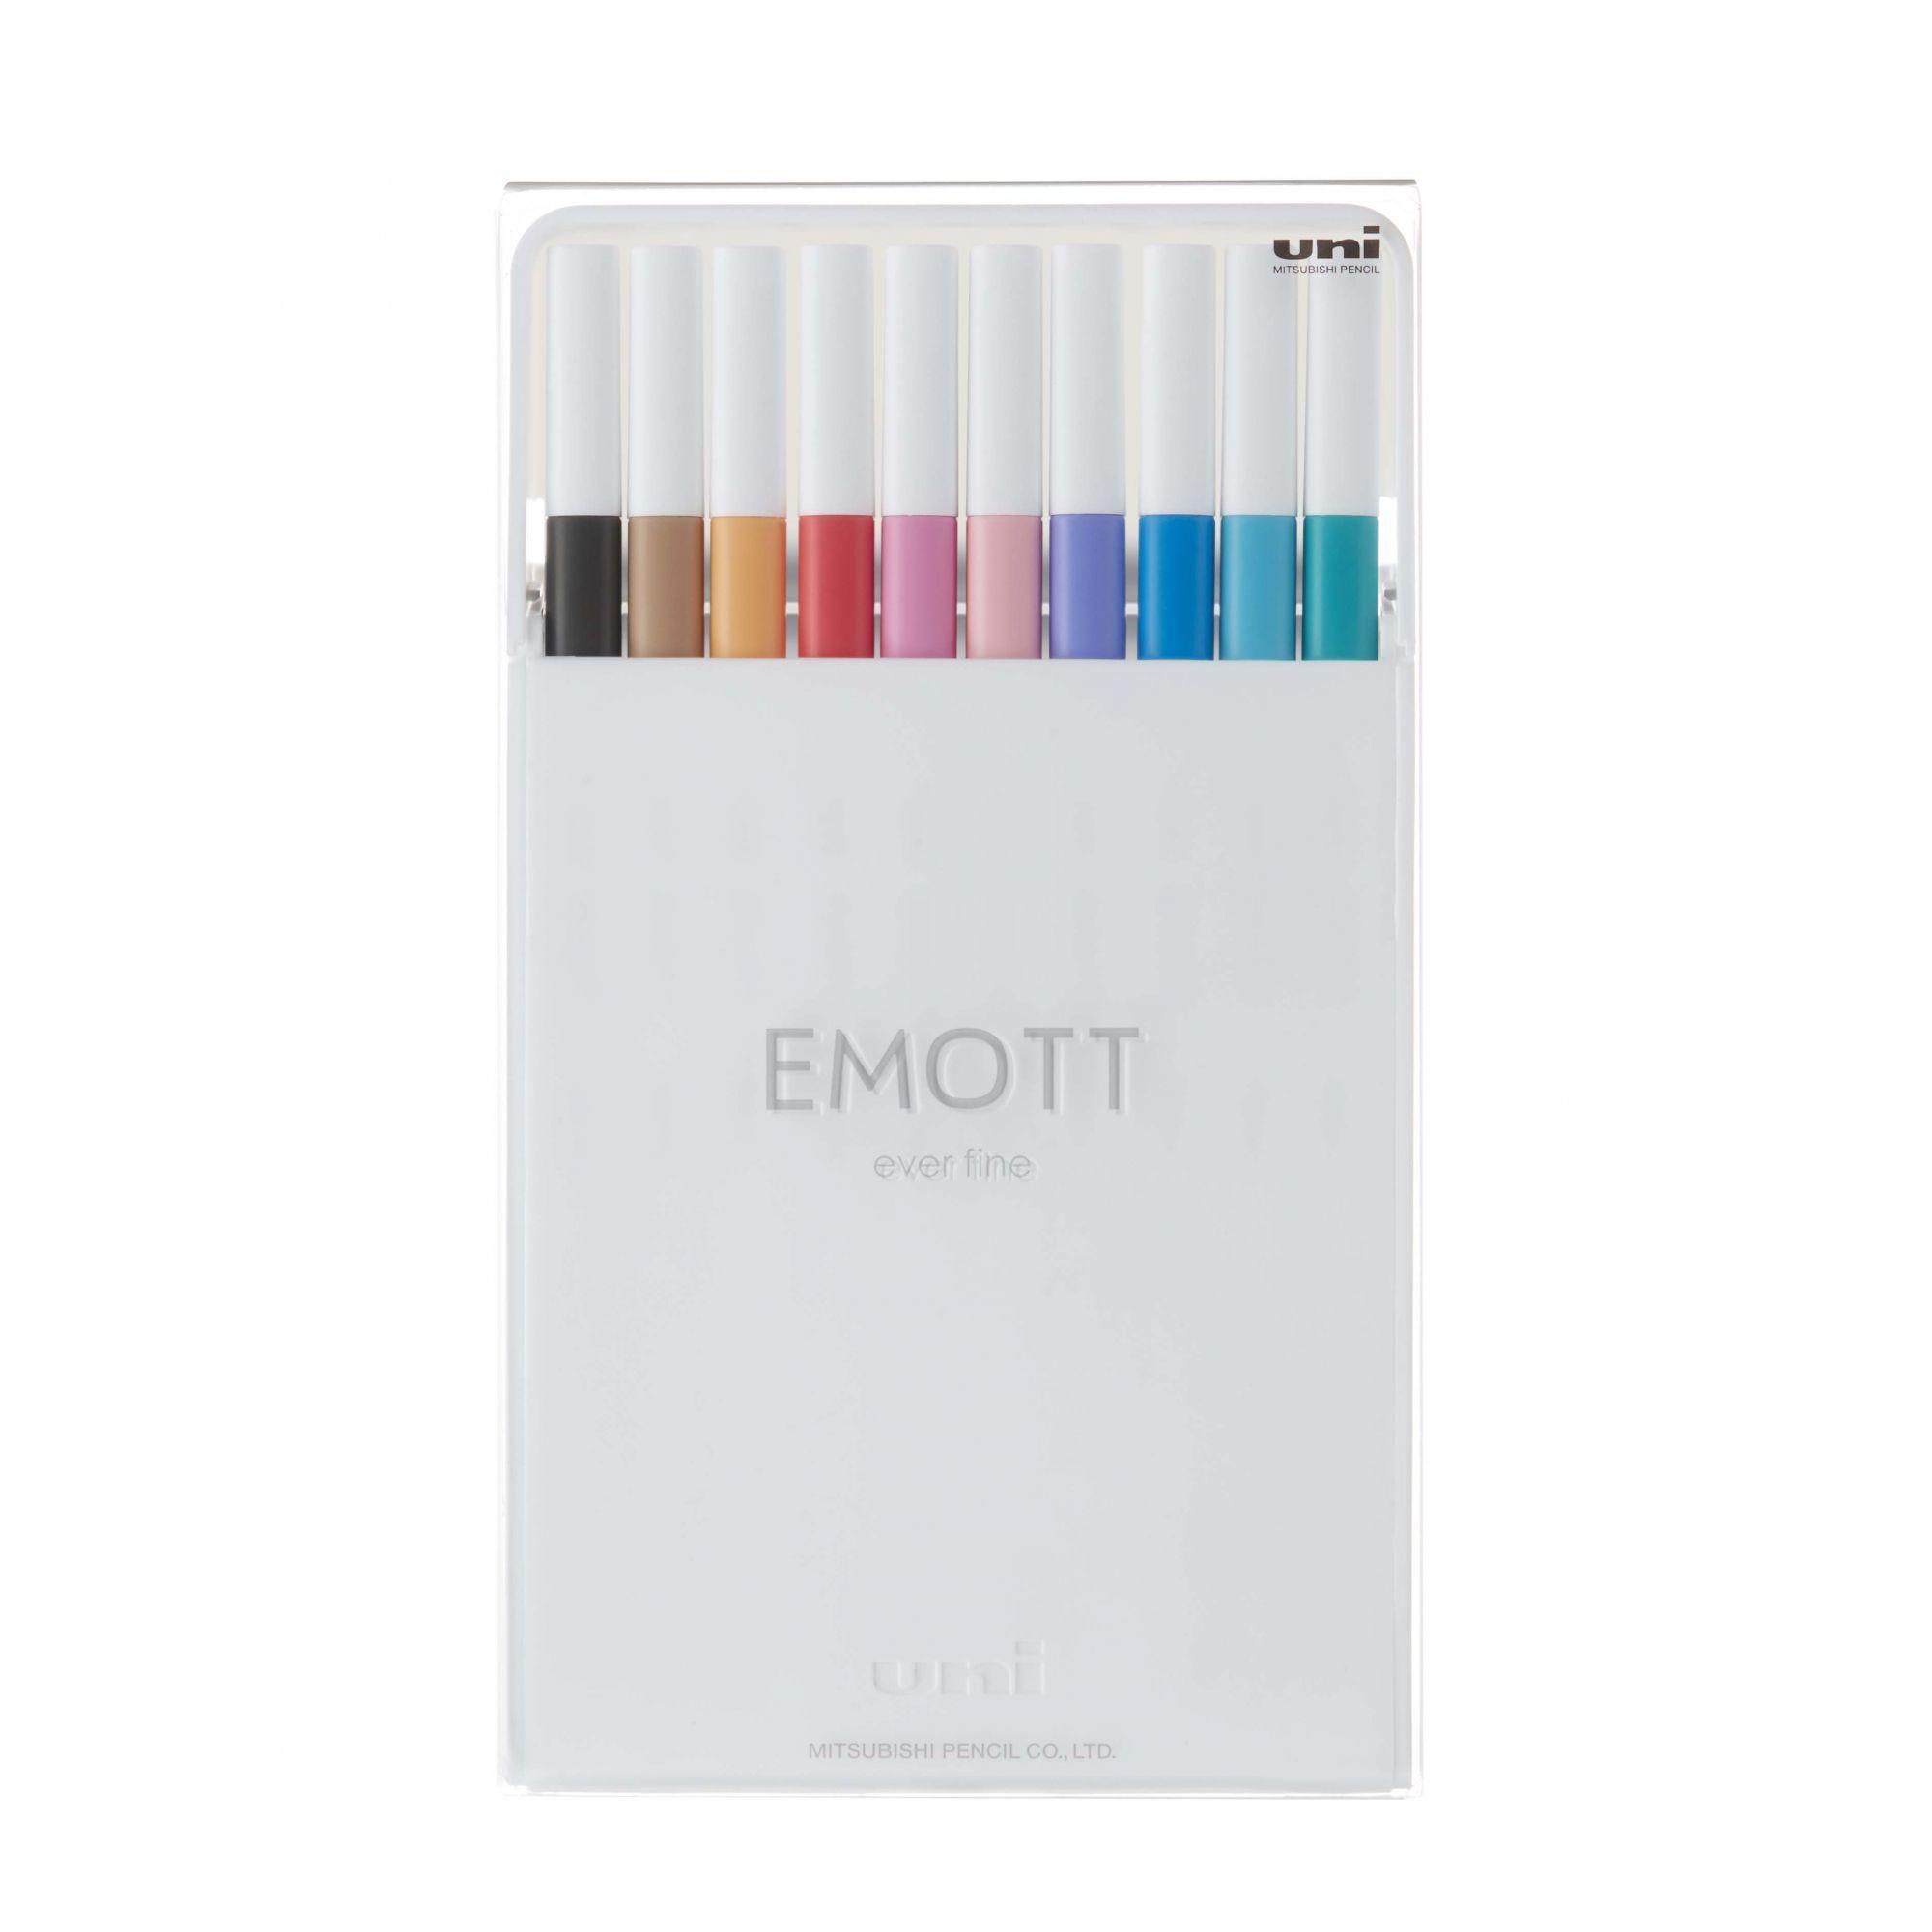 Caneta Uniball Emott 0.4mm - Estojo com 10 Cores Sortidas - N.02 - Soft Pastel Colors